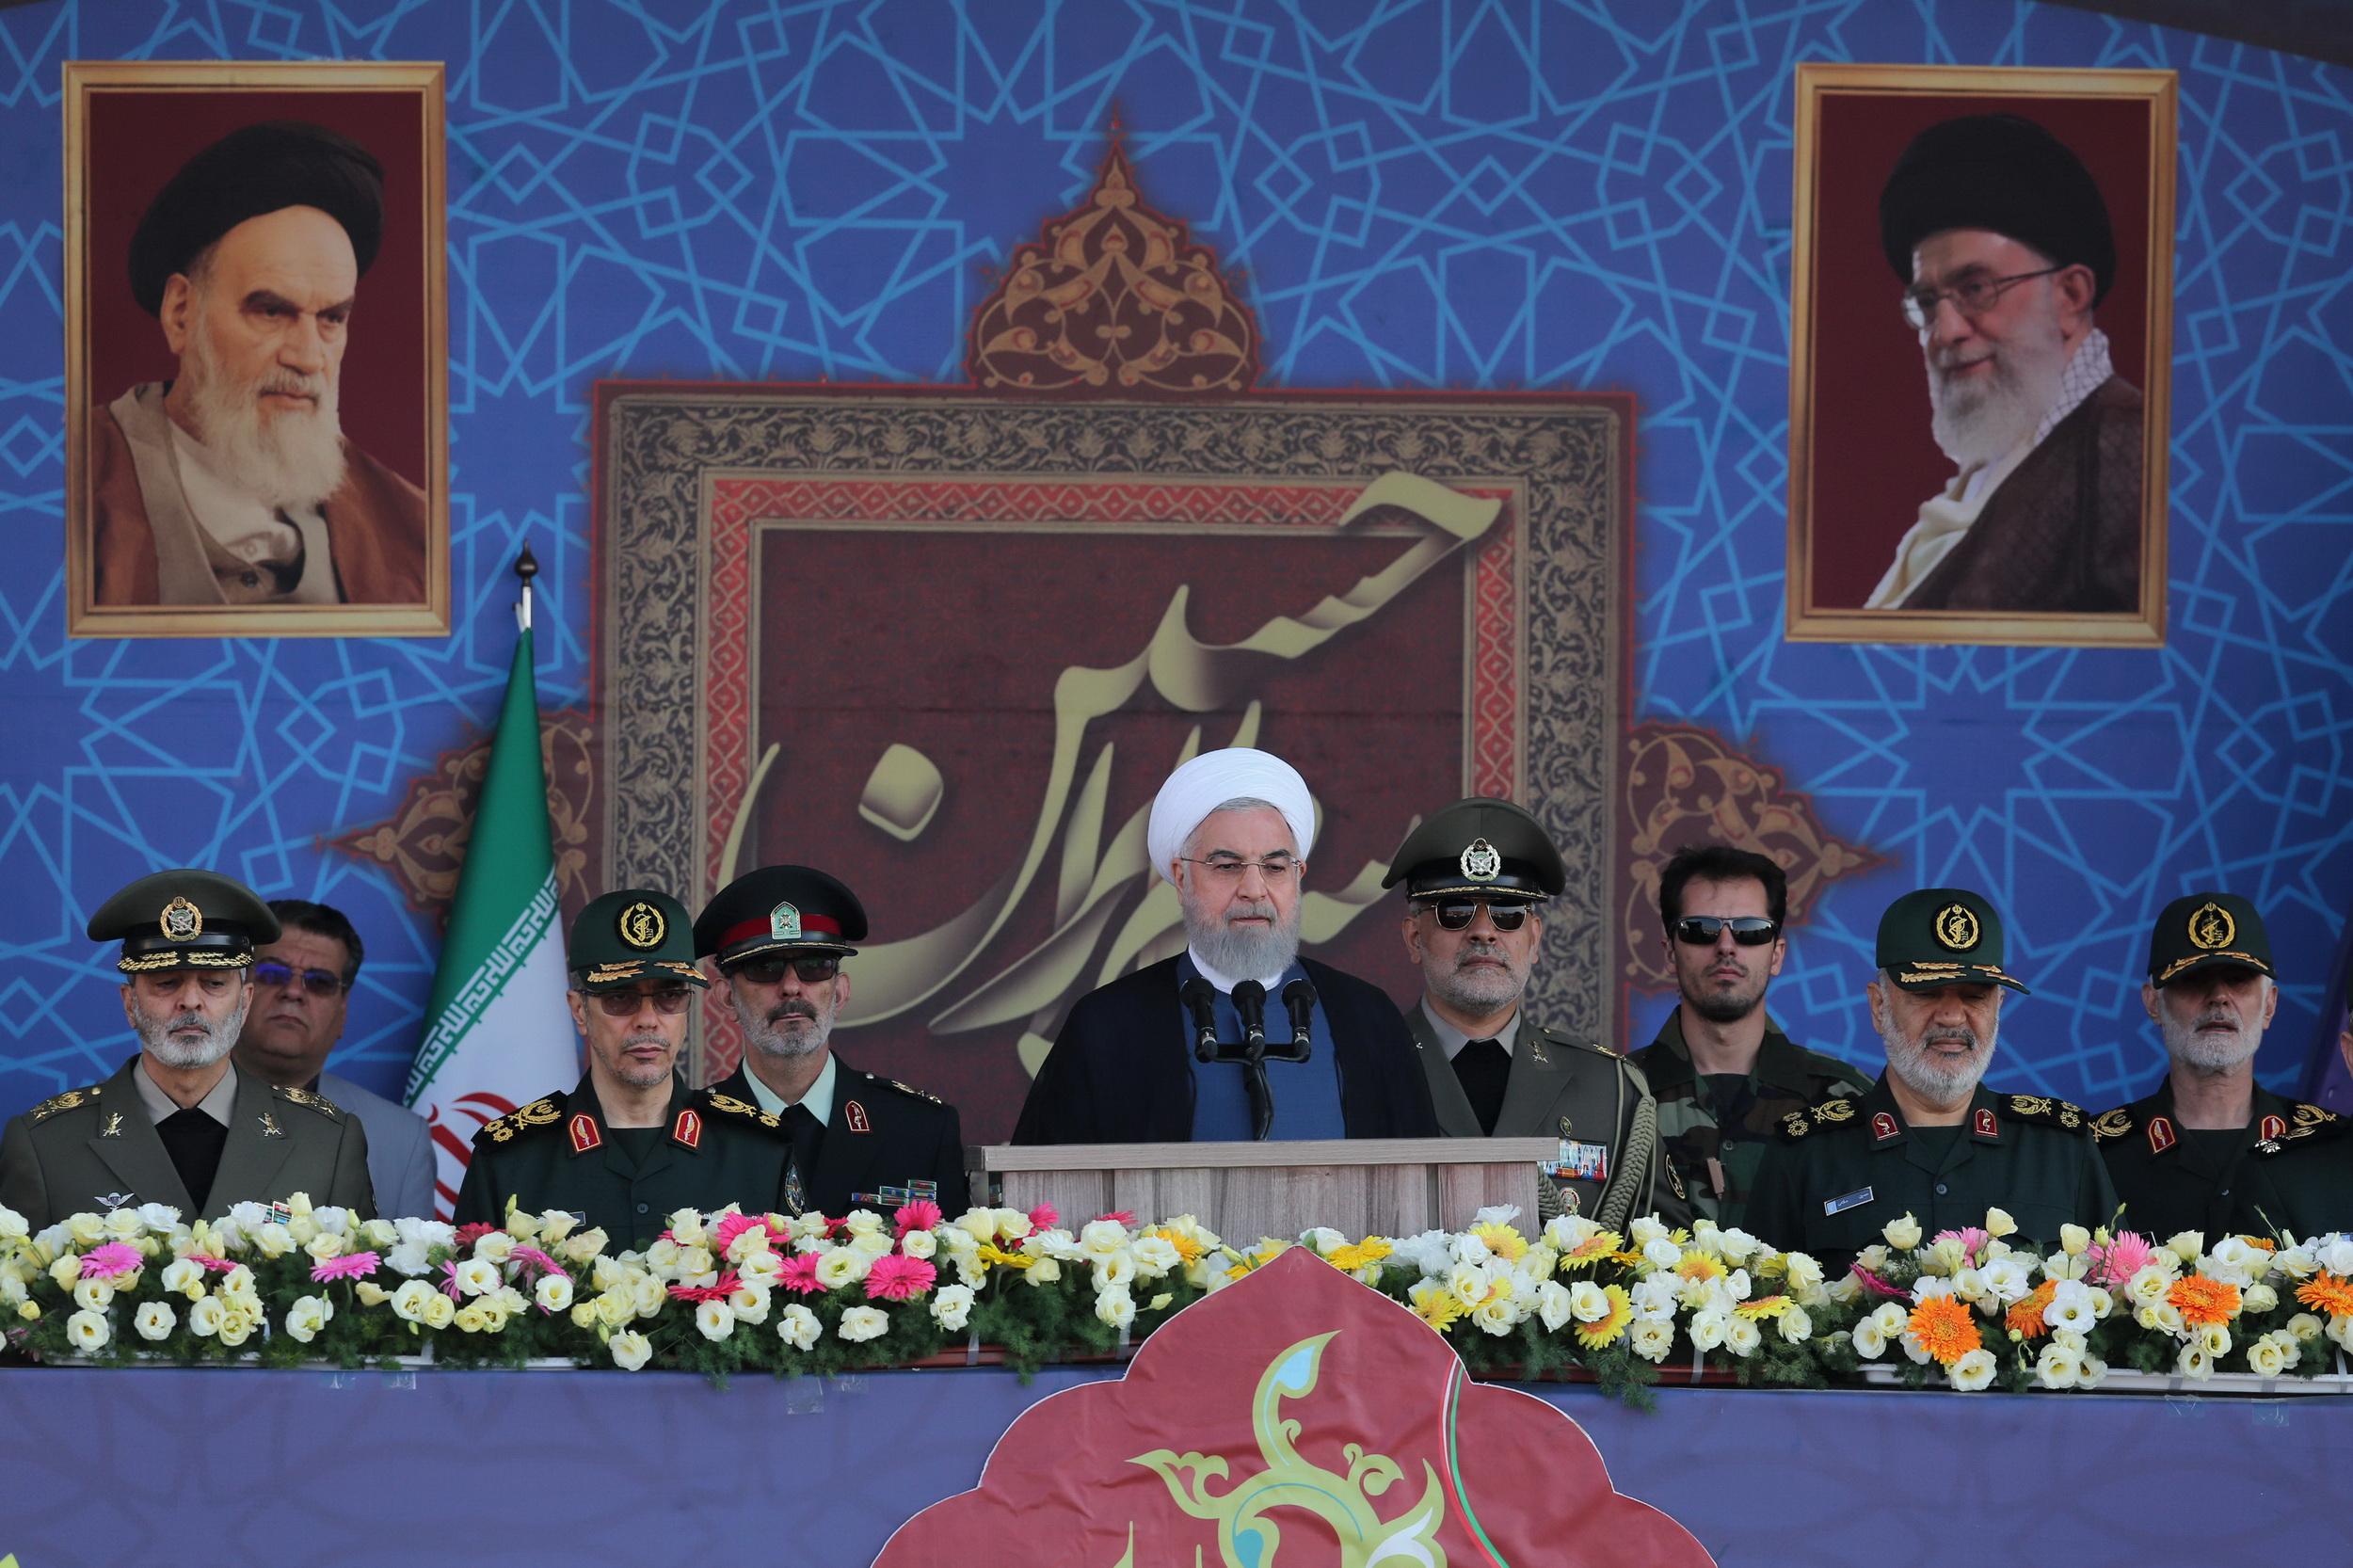 مرد دفاعیم نه اهل تسلیم/ نسبت دادن حوادث منطقه به ایران، تکرار دروغهای اثبات نشده قبلی است